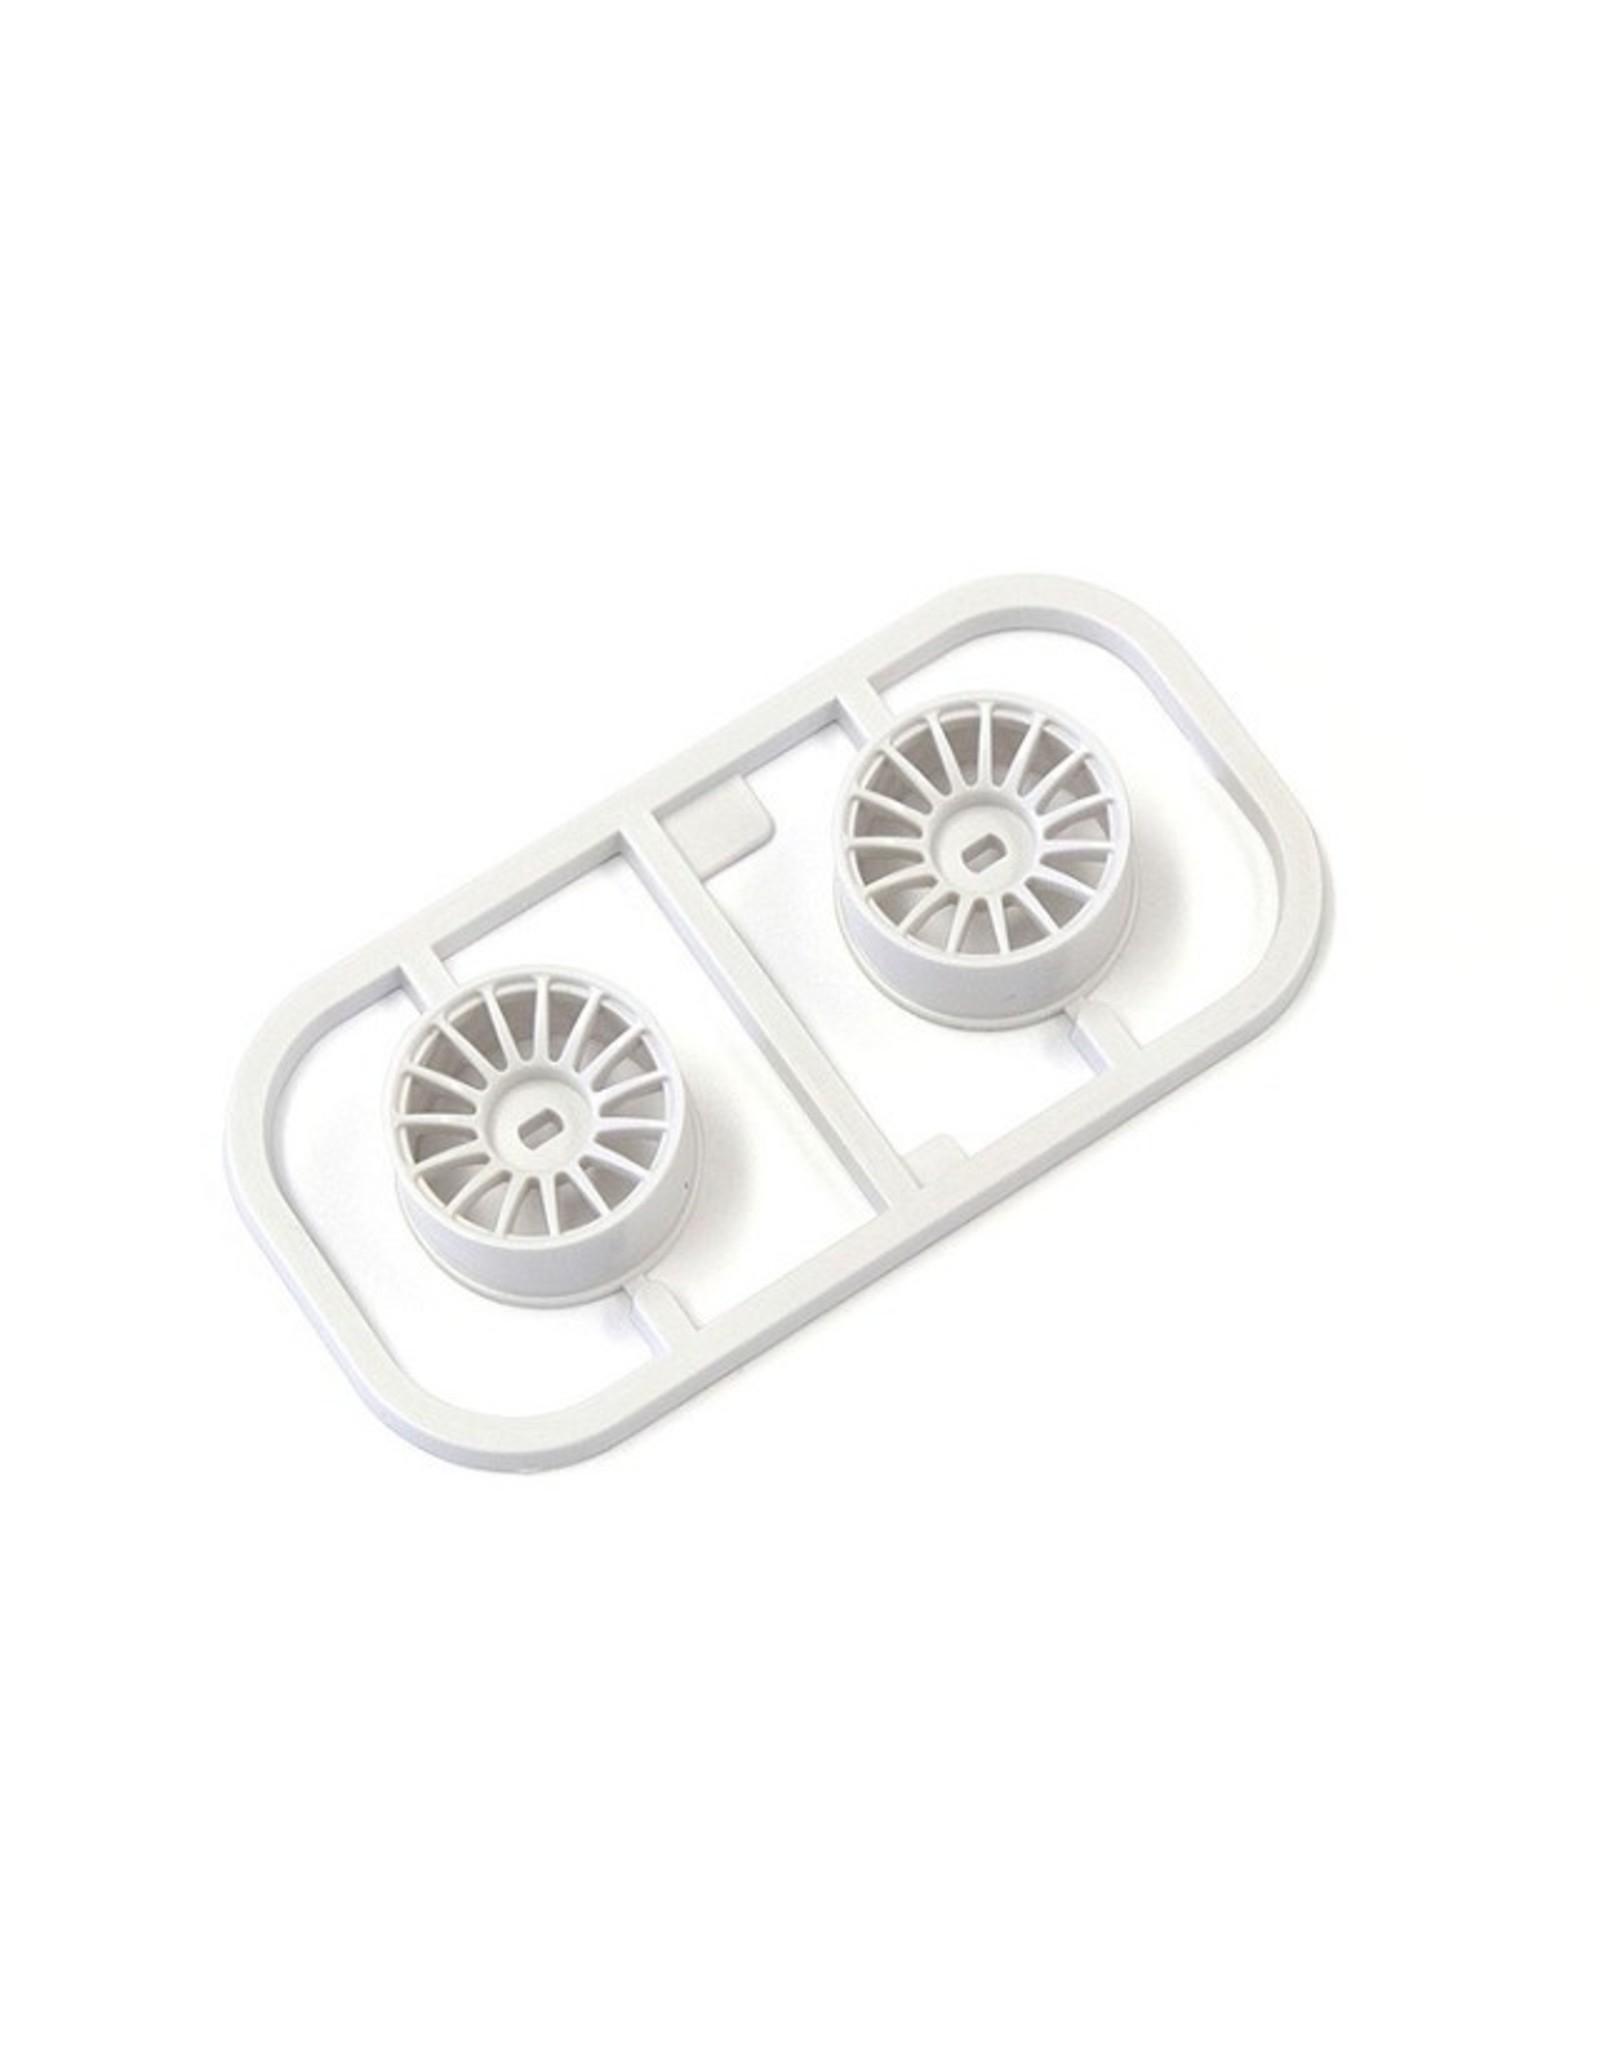 Kyosho Multi Wheel W/Offset 0 (White/AWD/2pcs.) (MDH100W-W0)